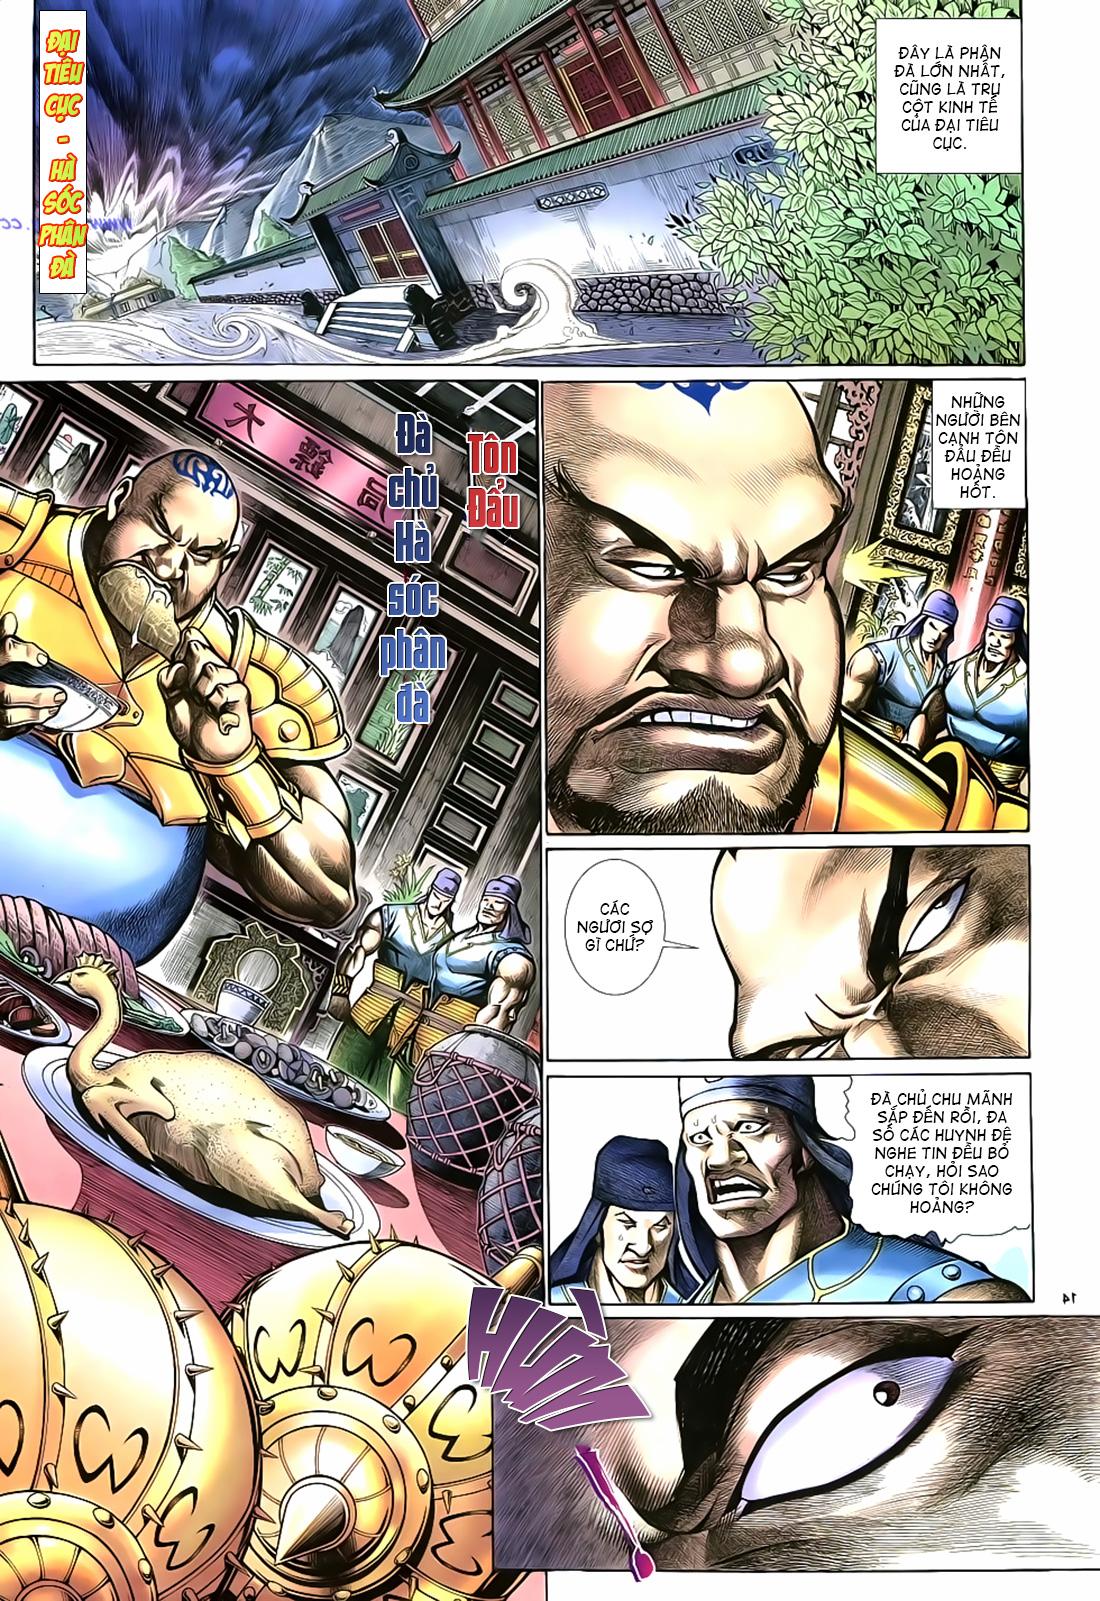 Anh hùng vô lệ Chap 17 trang 15